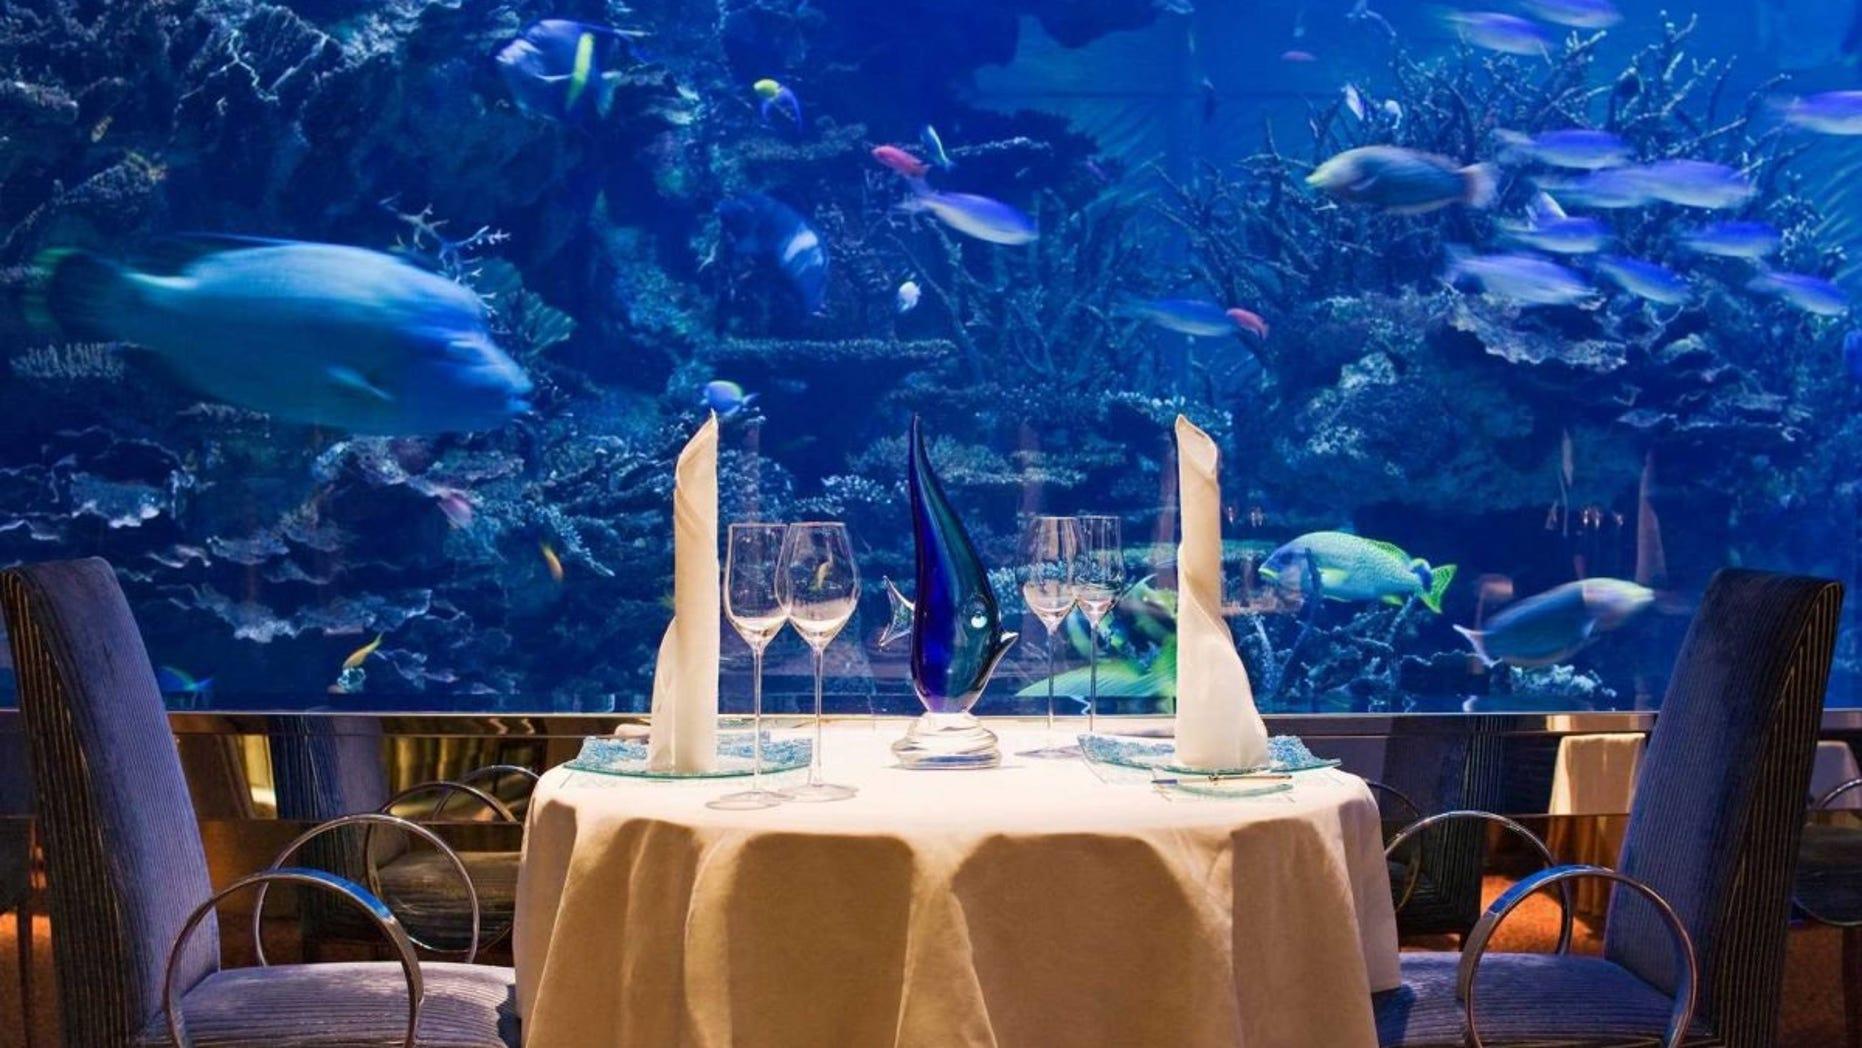 Outlaw's at Al Mahara, at Jumeirah, Burj Al Arab has a floor ceiling aquarium